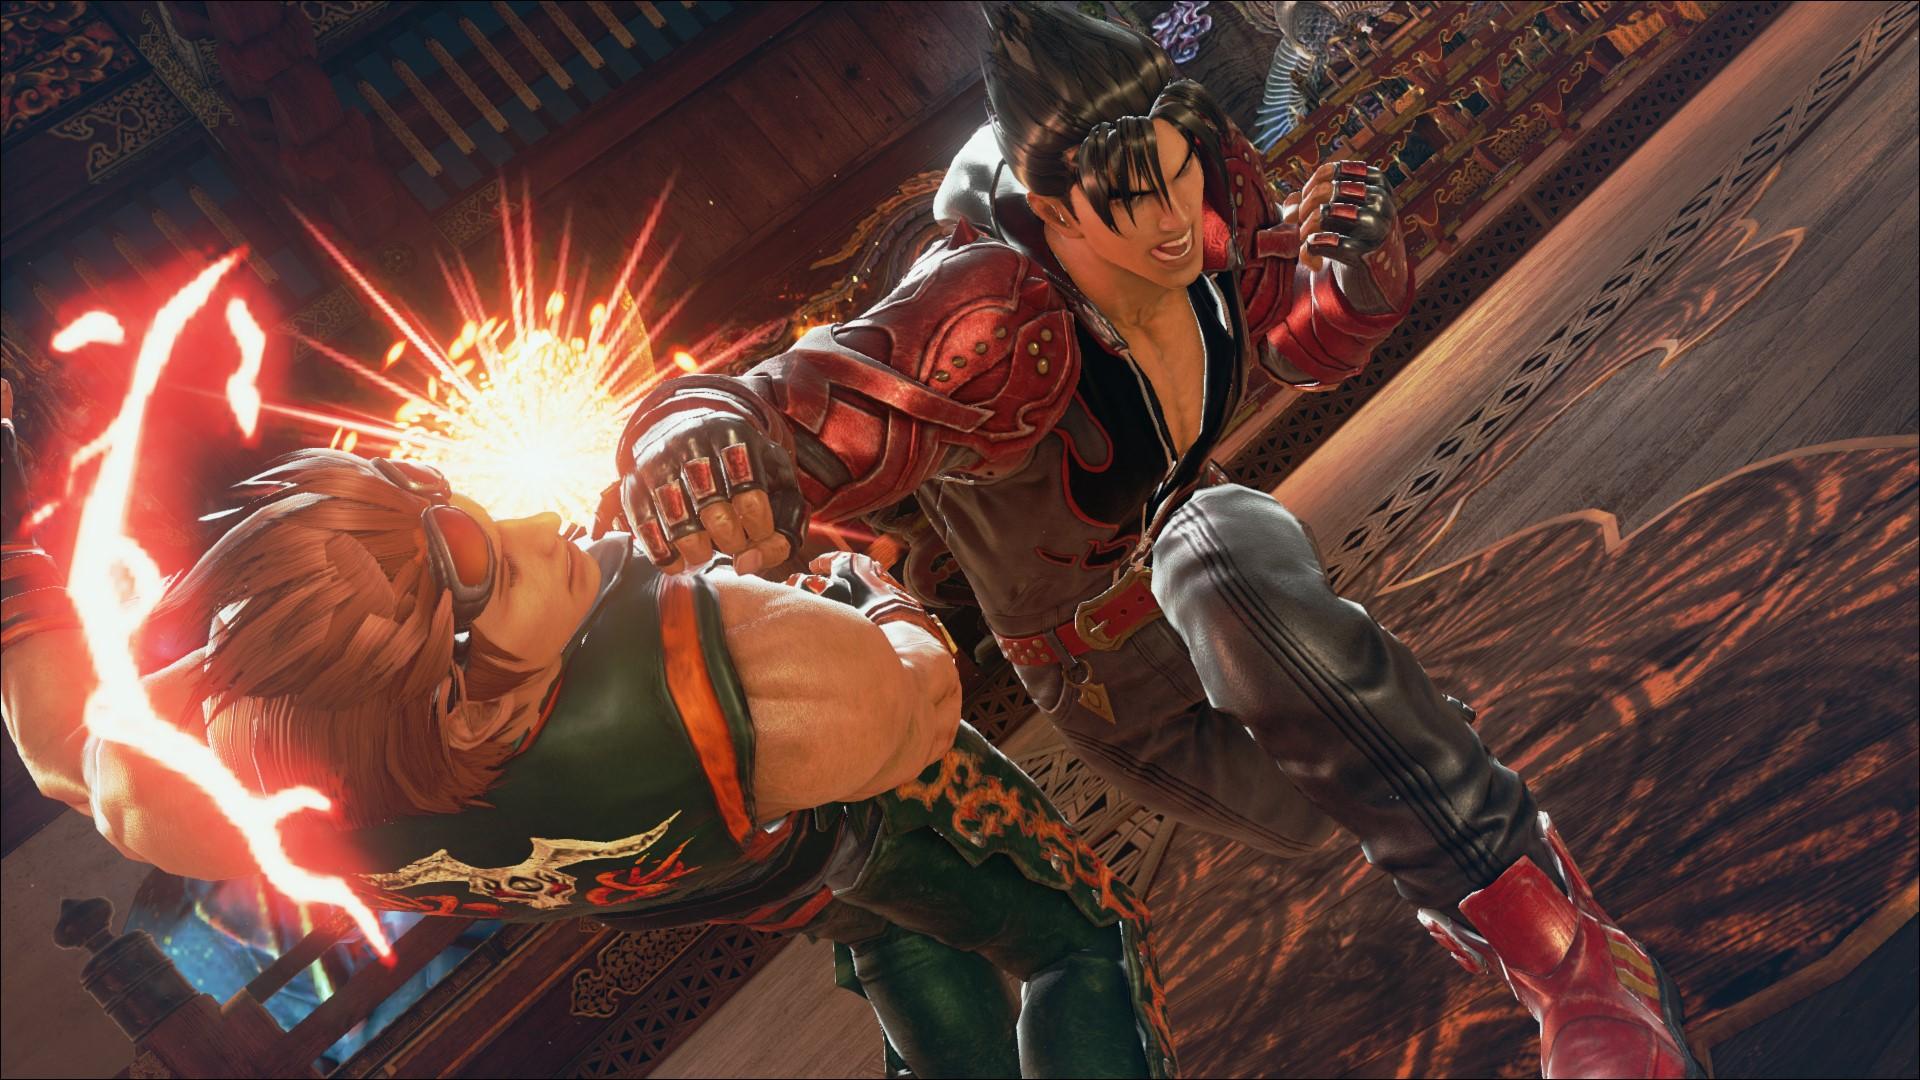 Tekken images